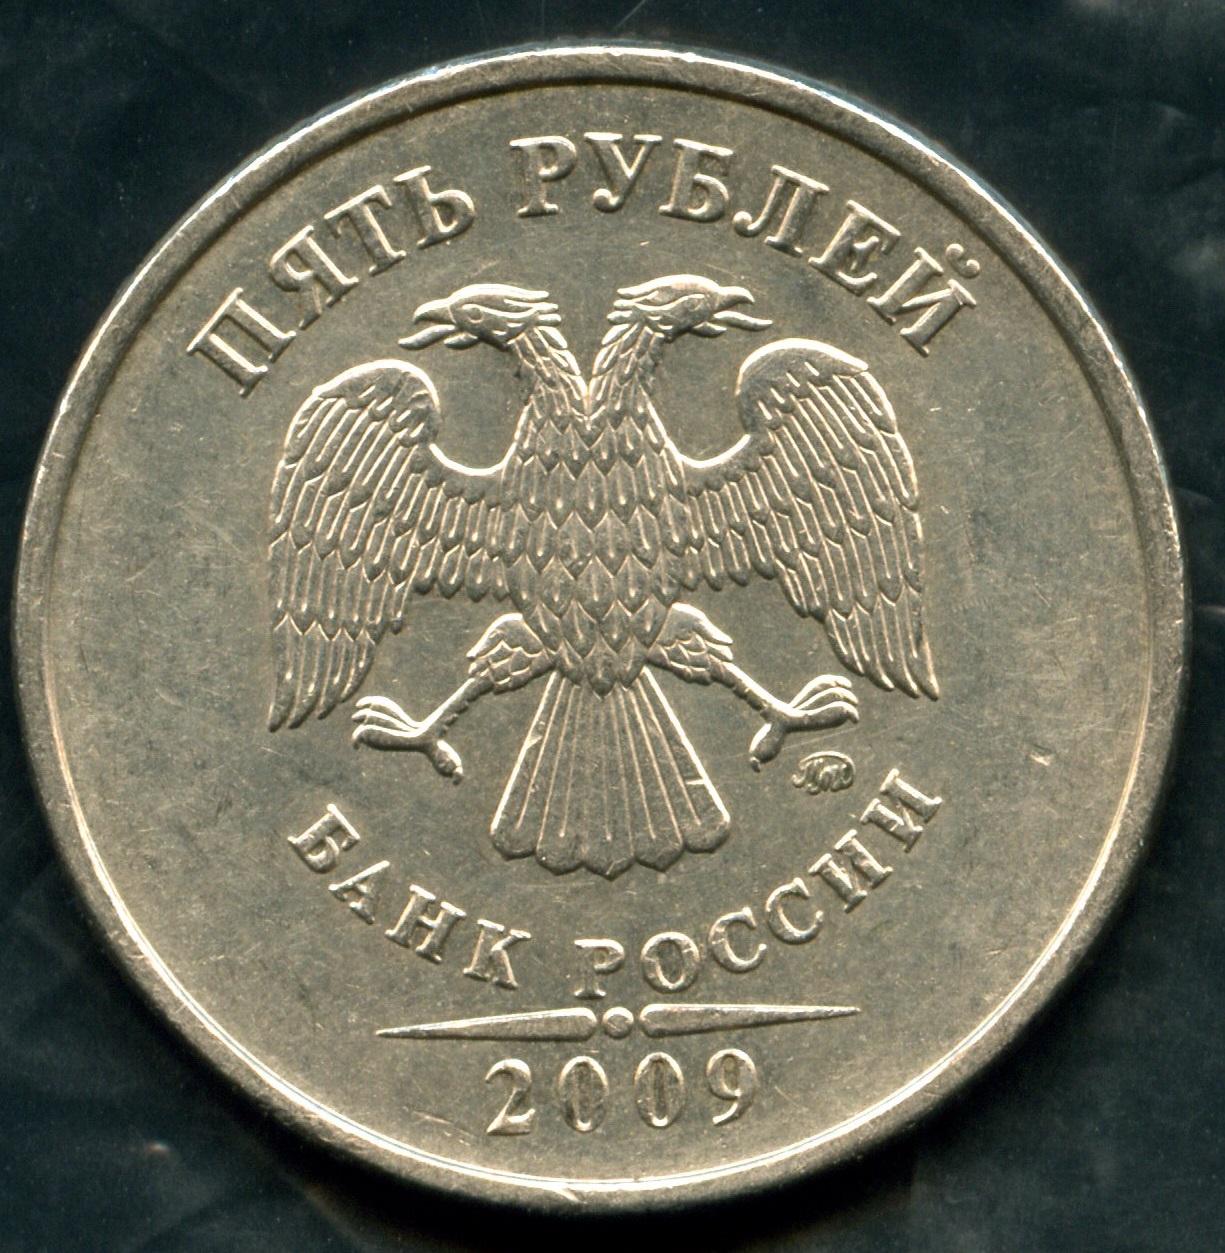 5 руб 2009 ммд 10 рублей владикавказ